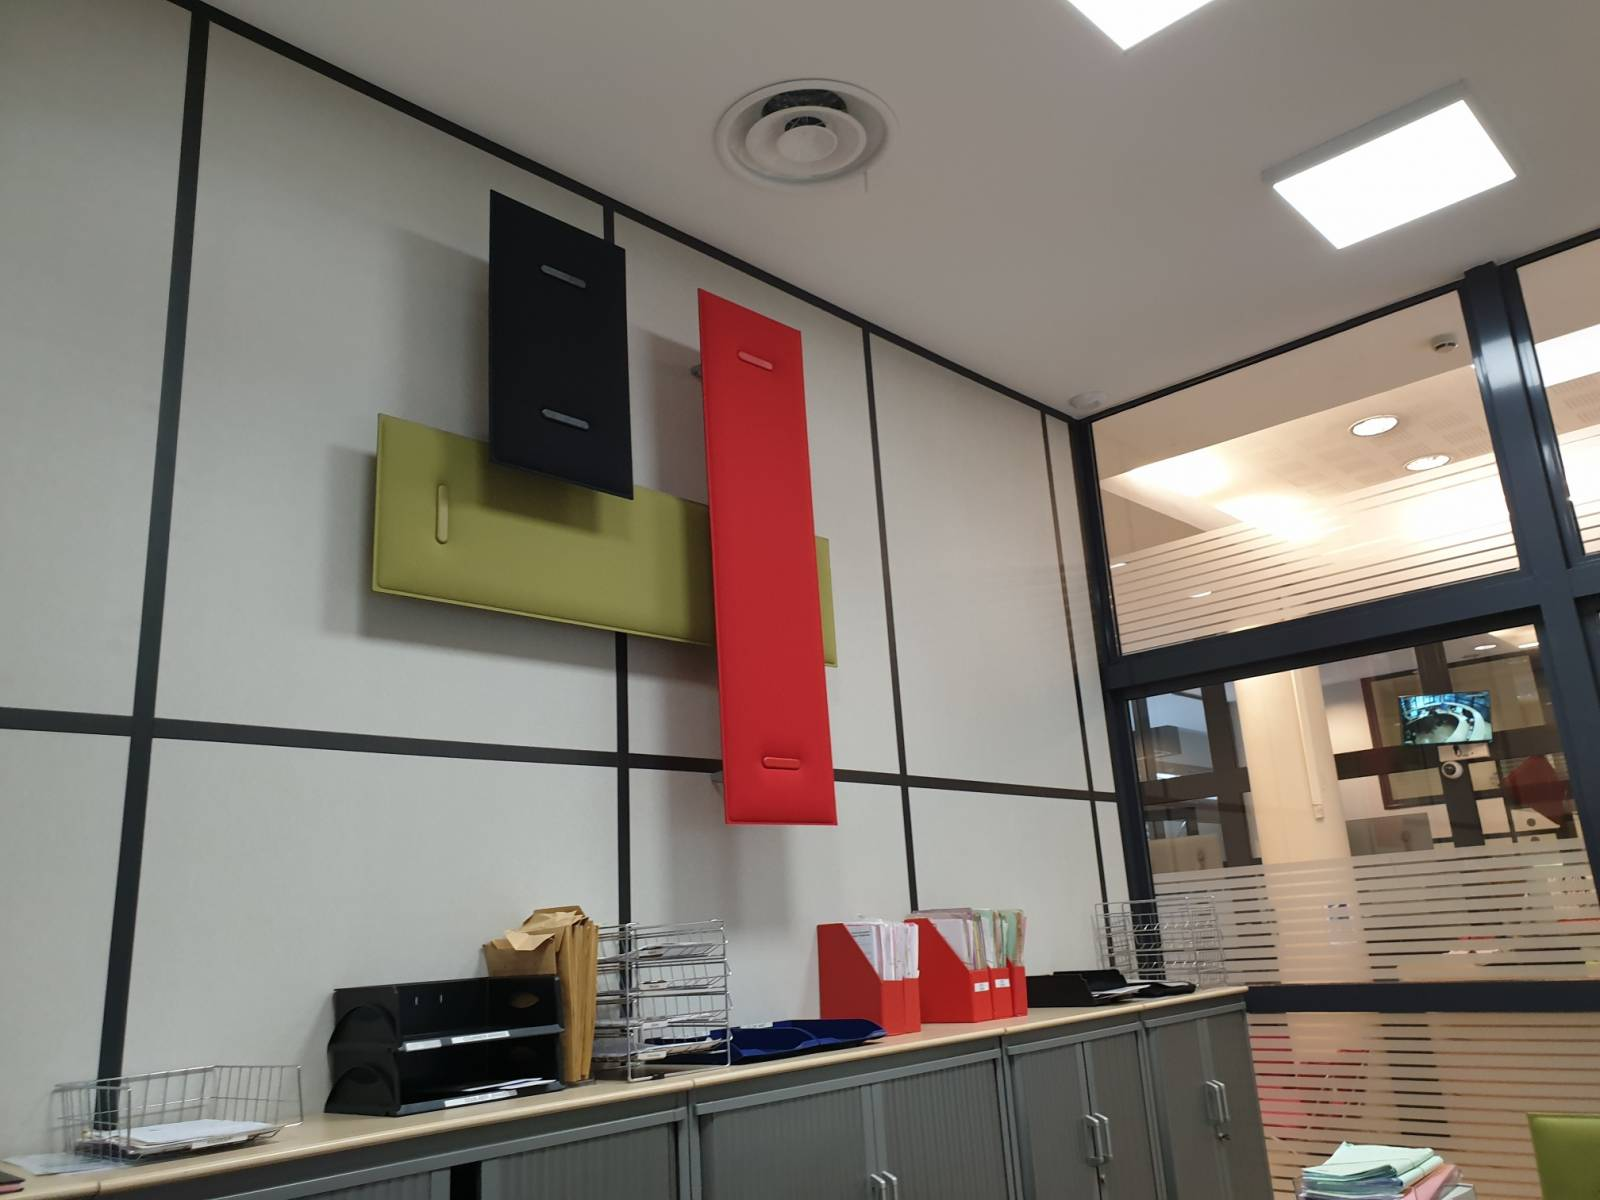 Configuration de panneaux acoustiques muraux pour amélioration acoustique d'un bureau dans une entreprise sur Aix en Provence